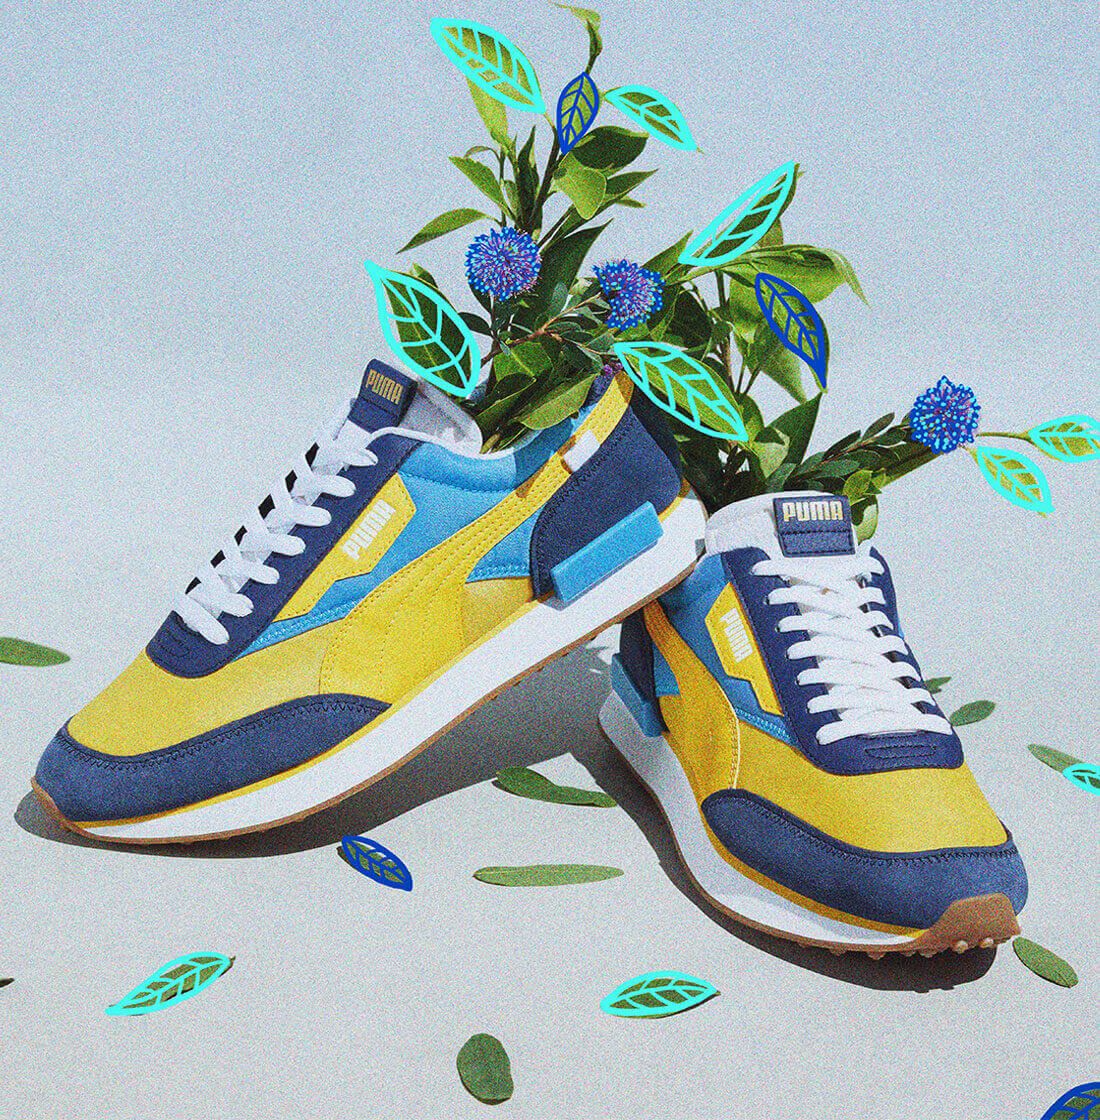 RIDER OG Shoes